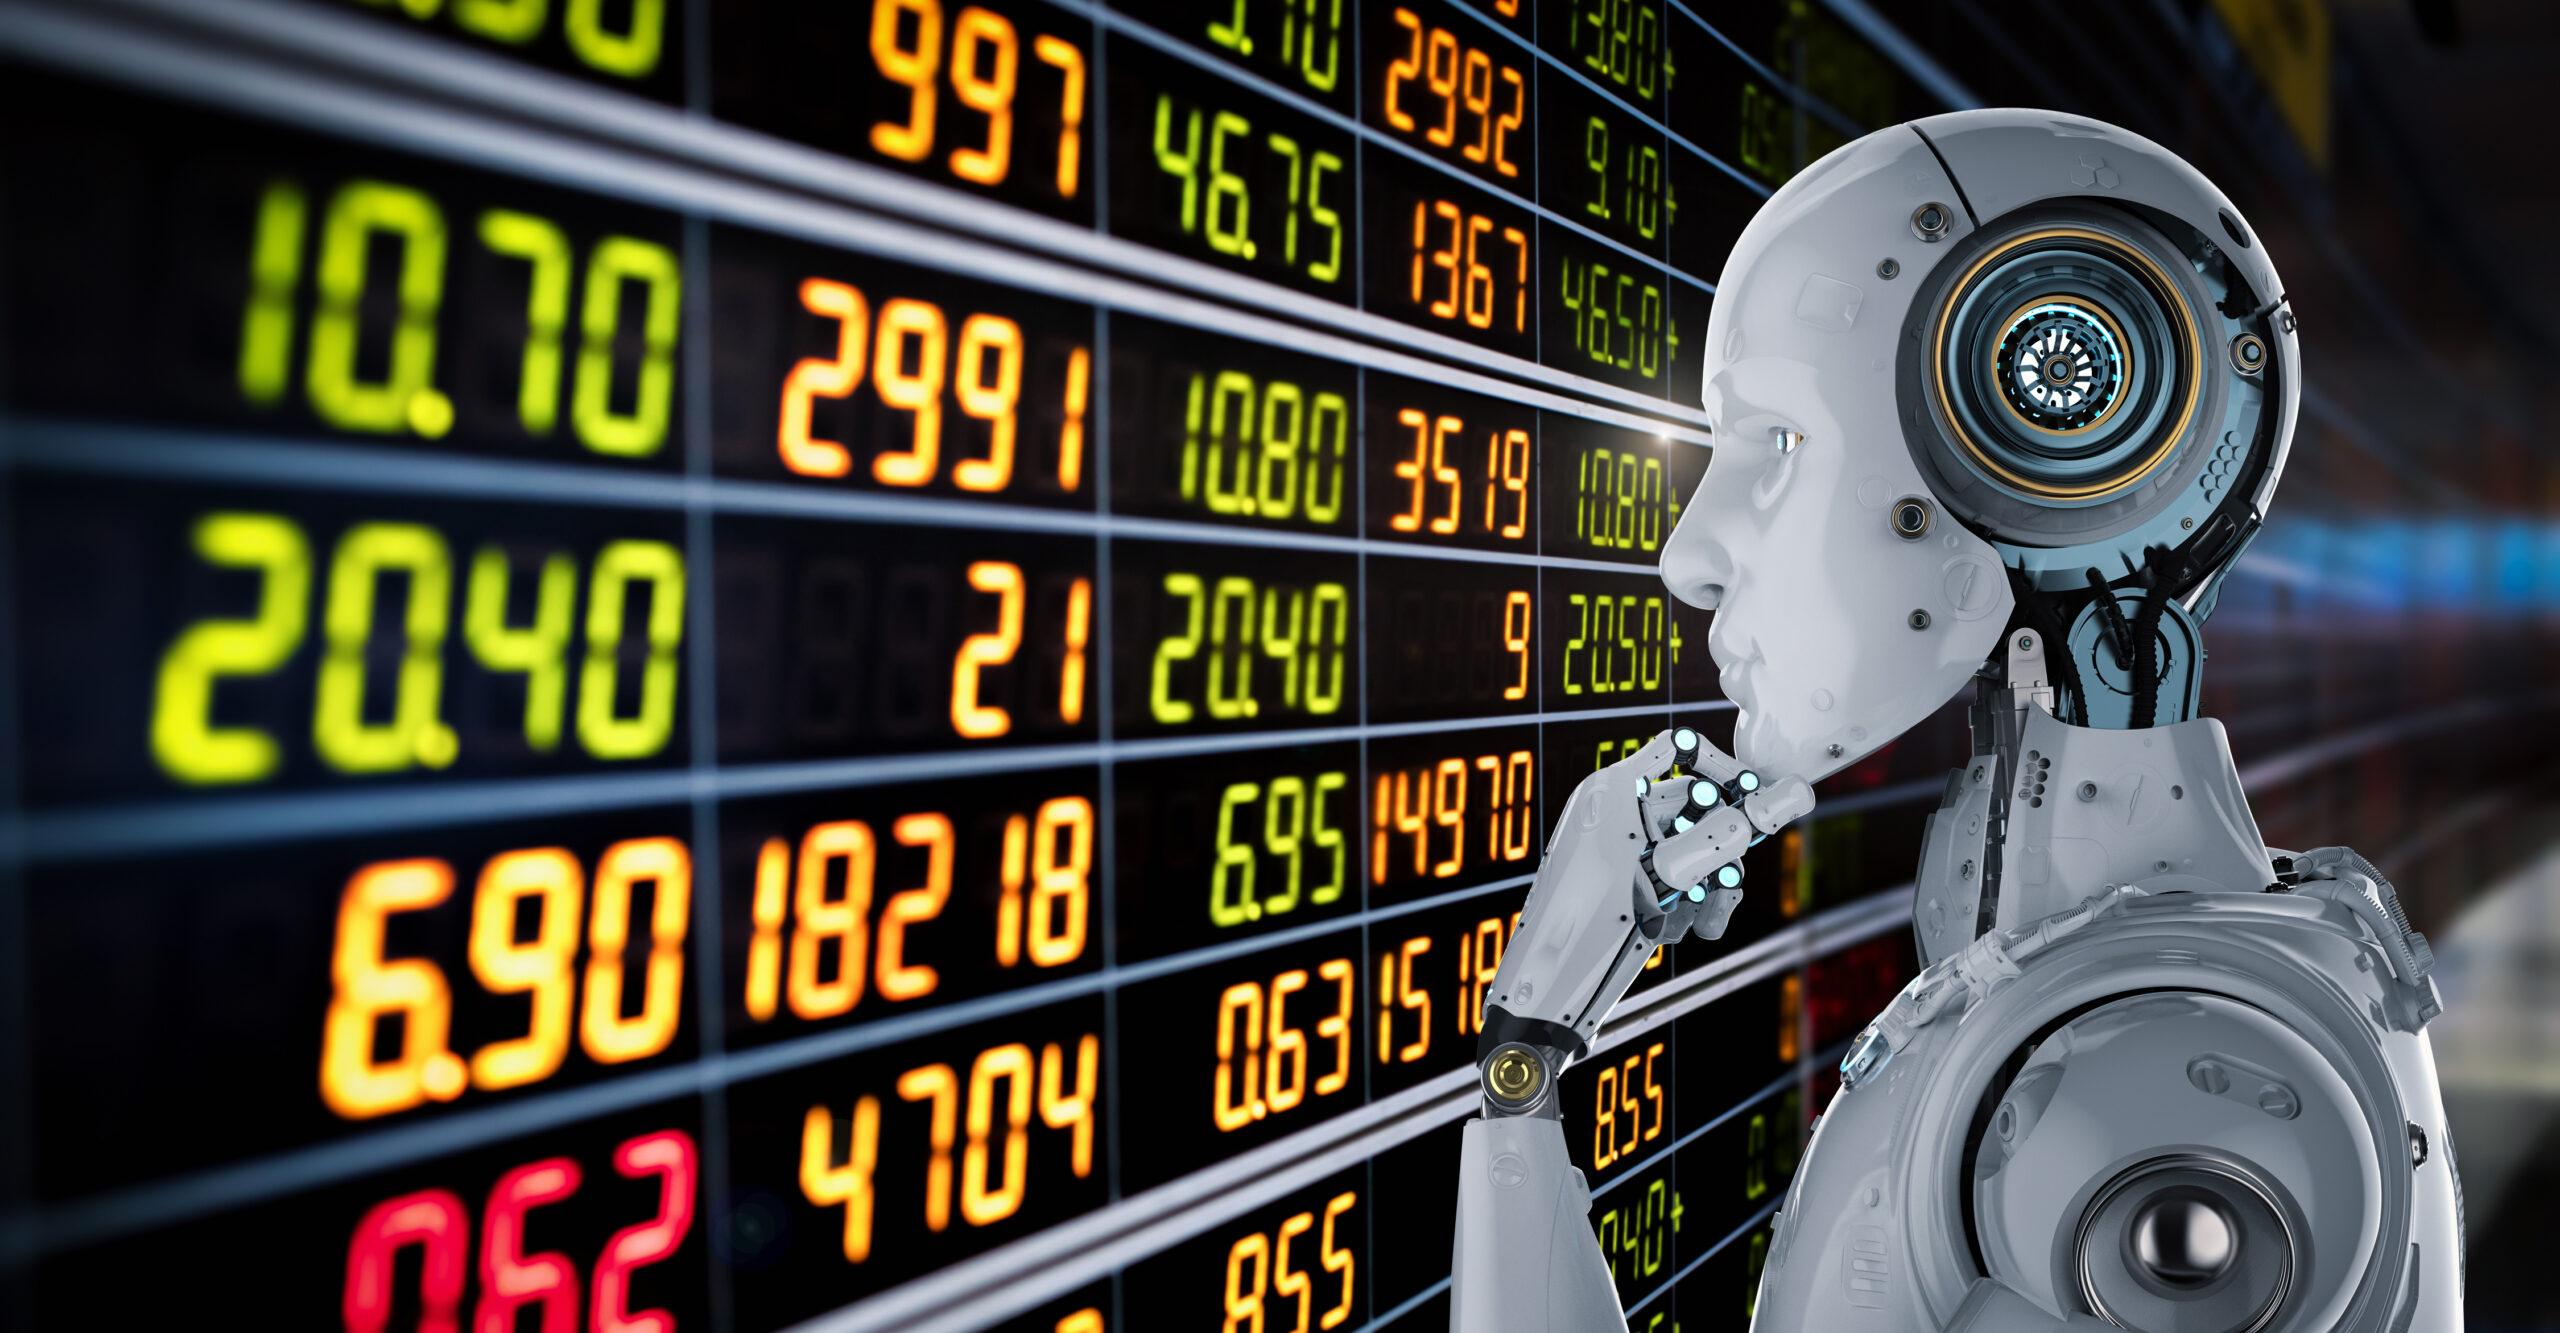 Empezar a invertir de forma más barata con los 'robo advisors': así funcionan 1